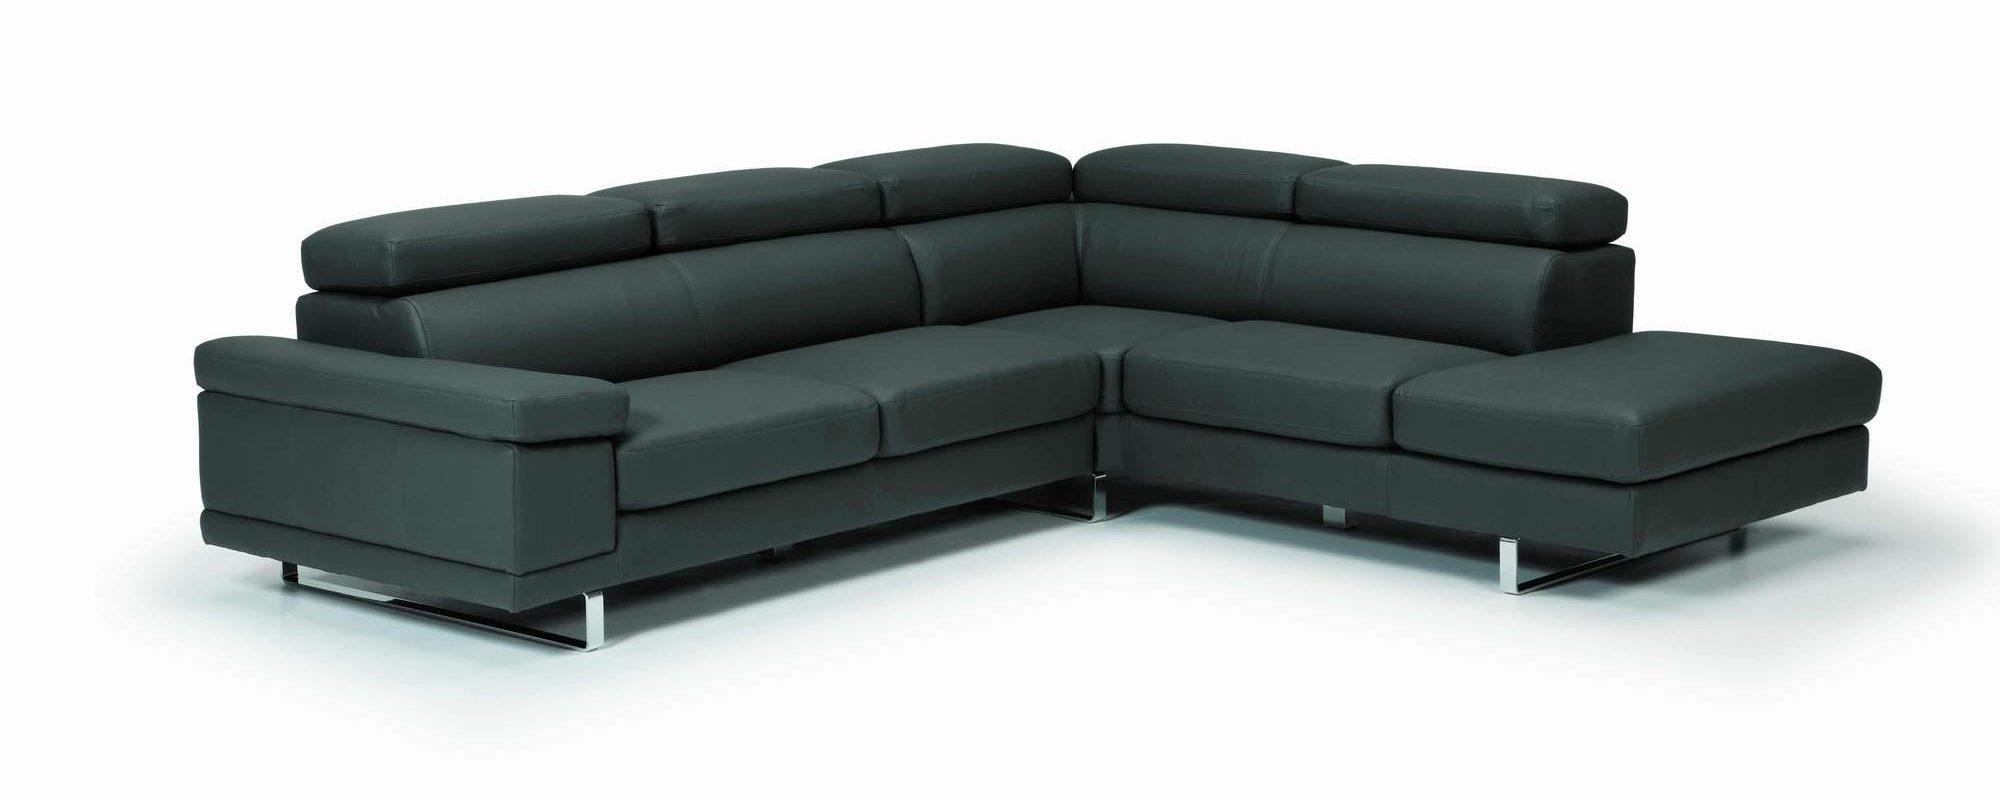 poltrone e sofa biella - 28 images - awesome divani e divani viterbo ...